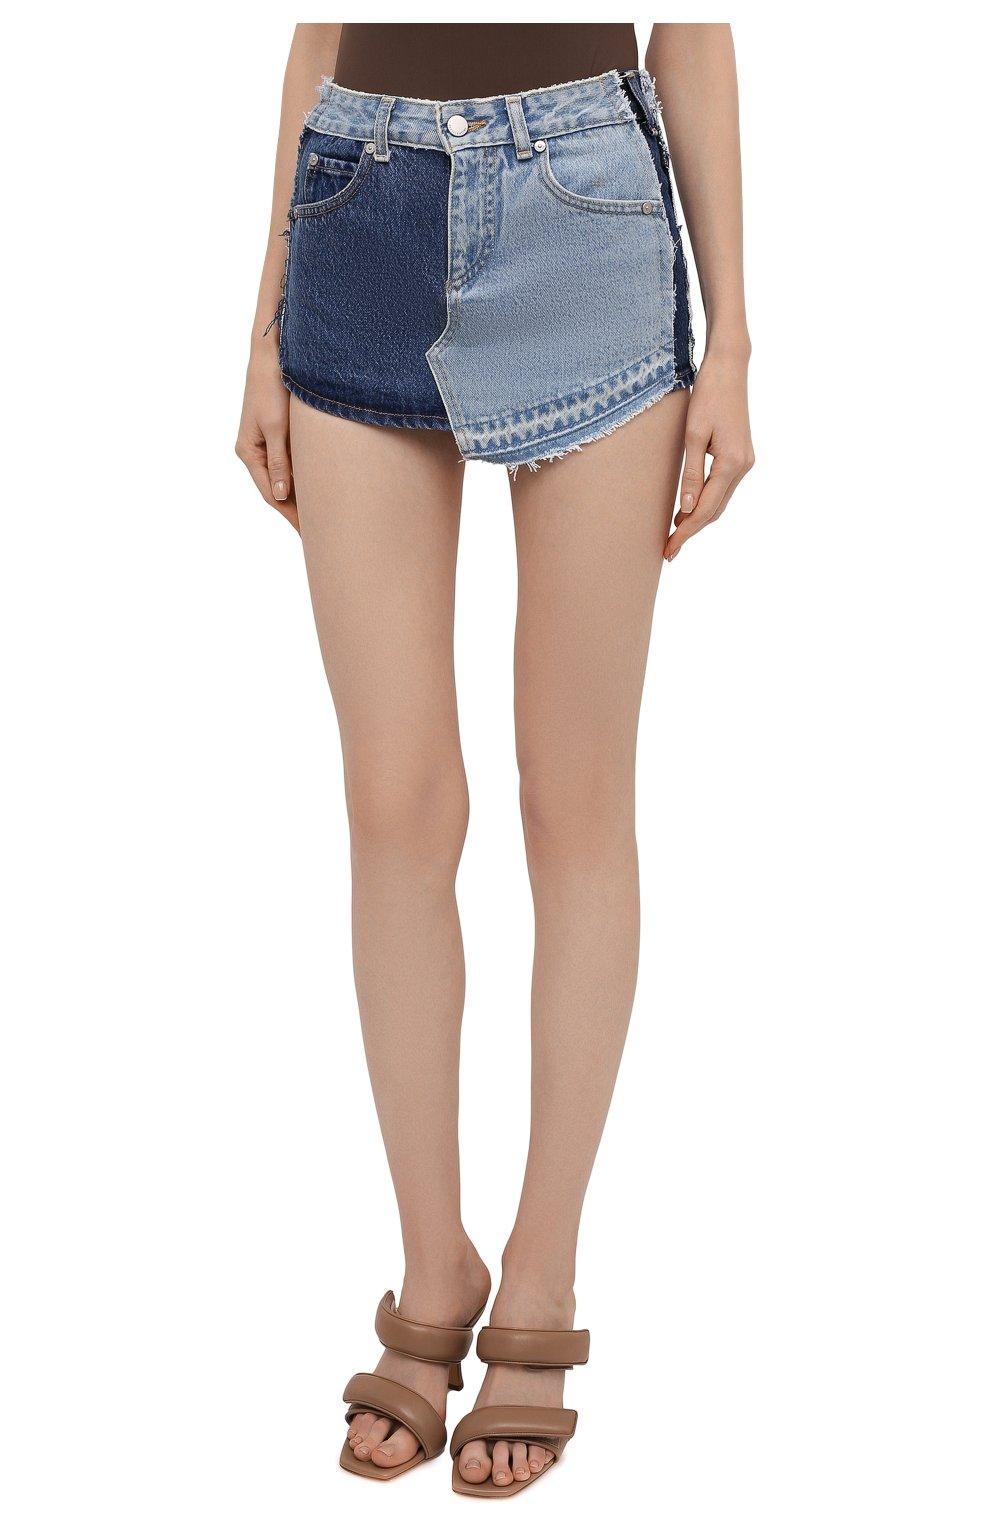 Женские джинсовые шорты REDVALENTINO синего цвета, арт. VR0DD04H/5TT   Фото 3 (Женское Кросс-КТ: Шорты-одежда; Кросс-КТ: Деним; Длина Ж (юбки, платья, шорты): Мини; Материал внешний: Хлопок; Стили: Спорт-шик)